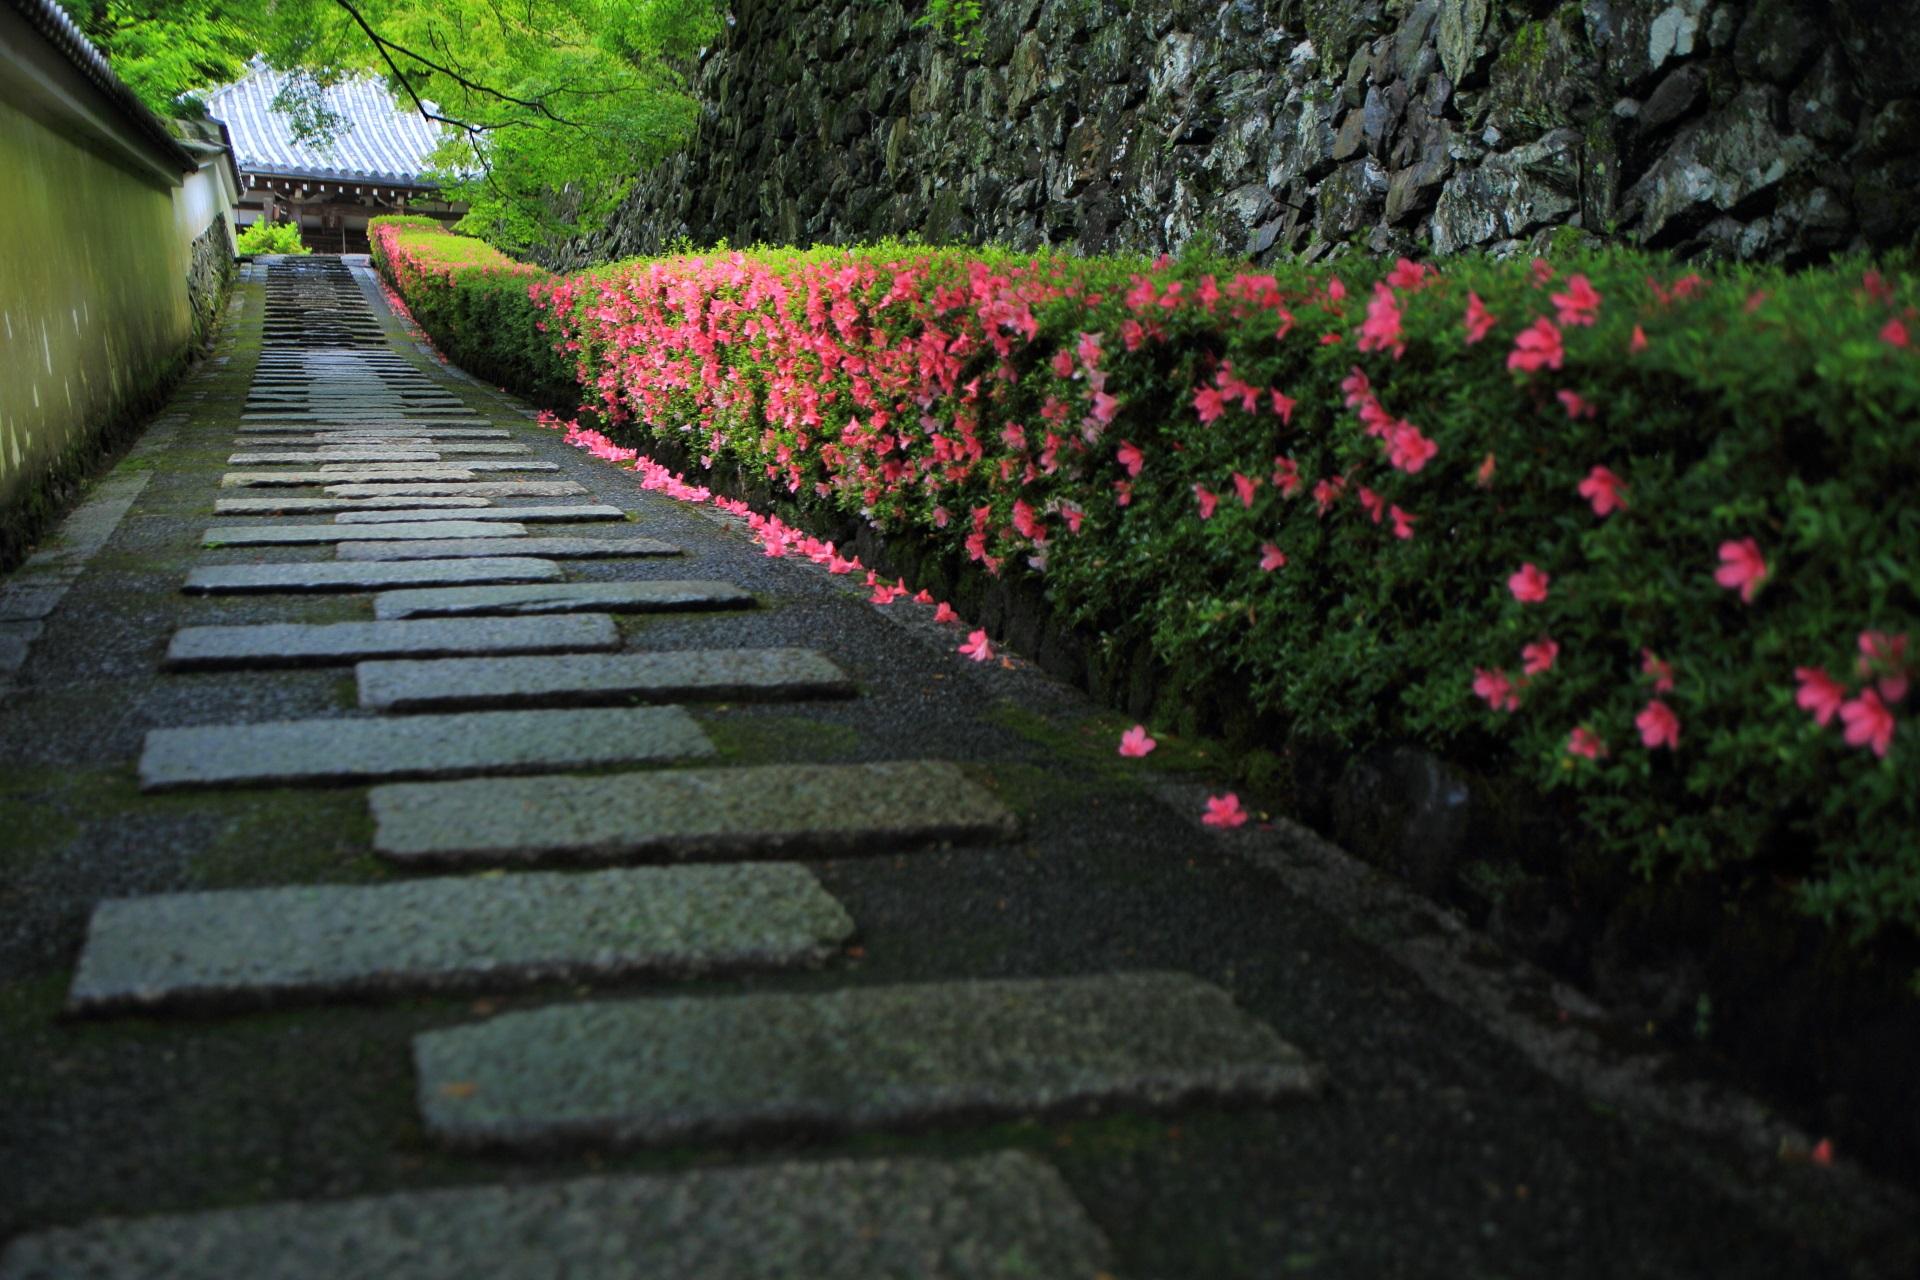 善峯寺の素晴らしすぎる一生もんのサツキと情景